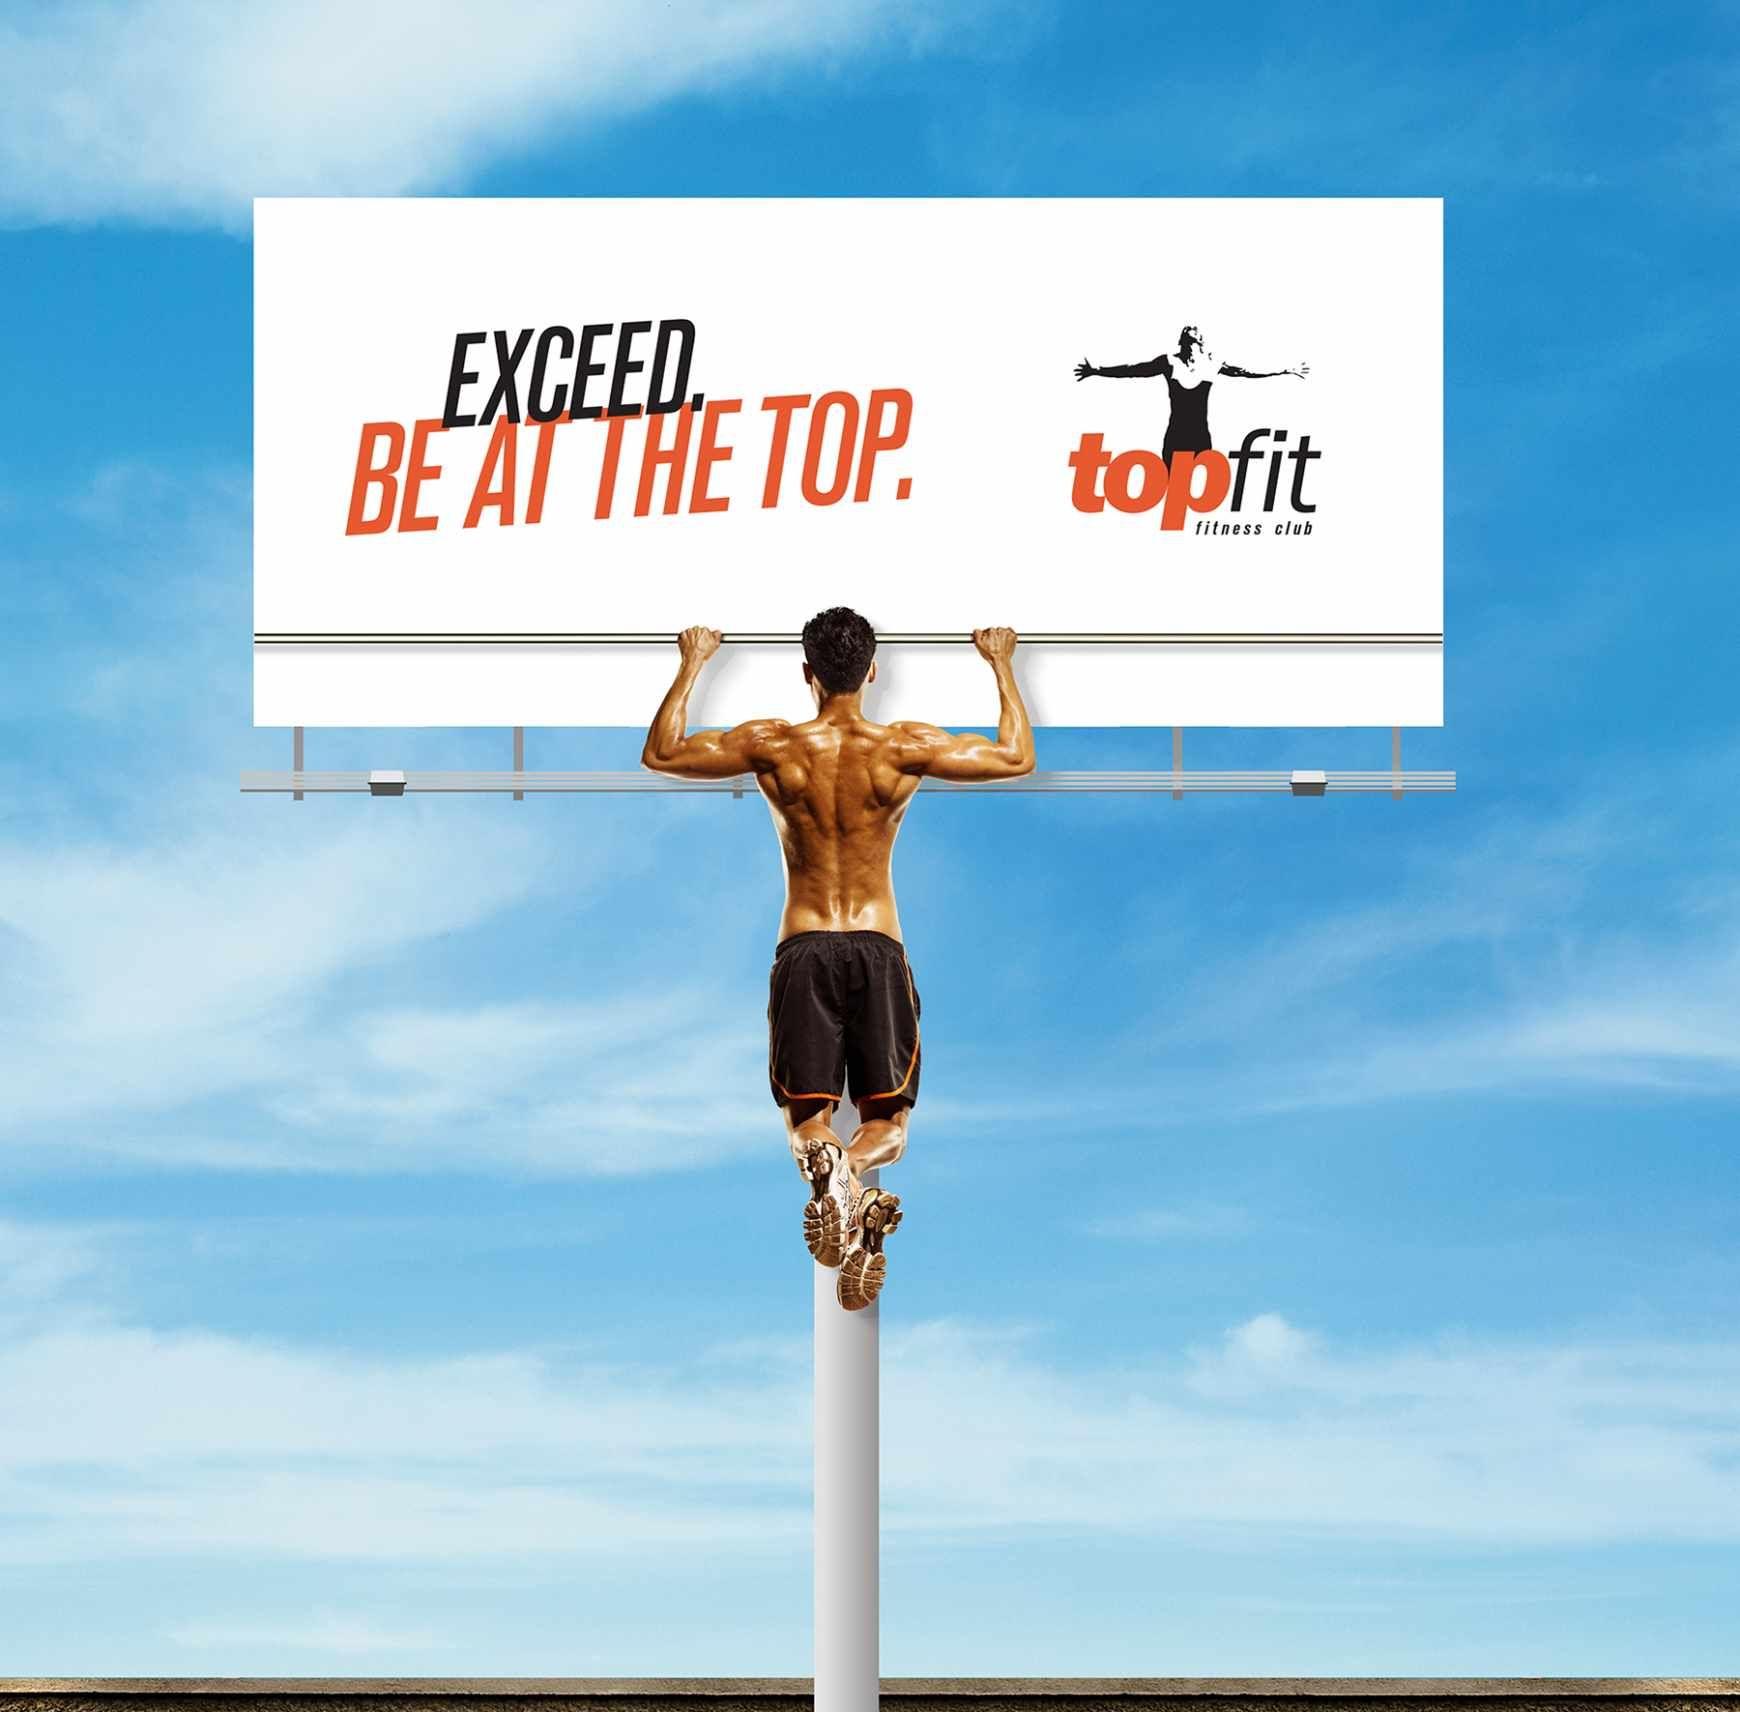 La campagna outdoor della #palestra Topfit è veramente… forte. I creativi hanno realizzato per il #fitness club 3 ideepoco convenzionali: un poster, un billboard e un adesivo sul retro di un a…